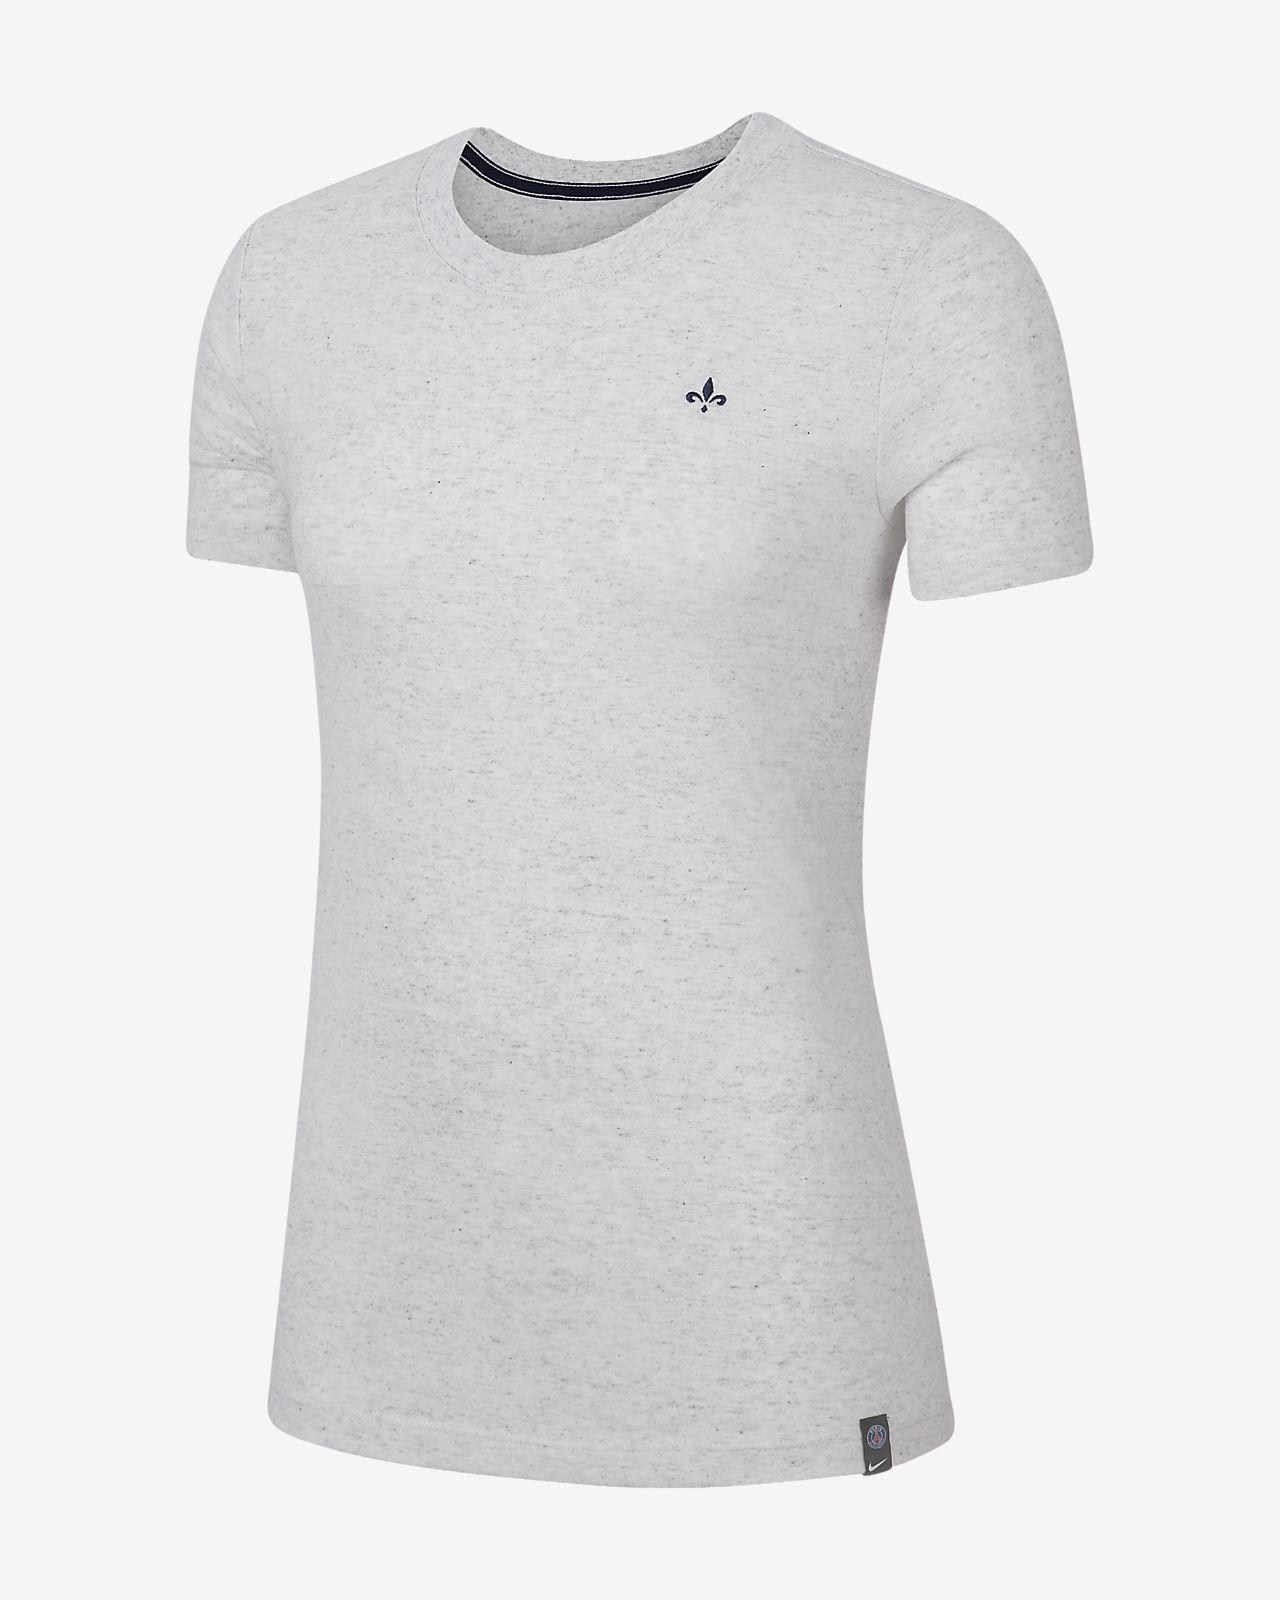 París Saint-Germain Camiseta - Mujer